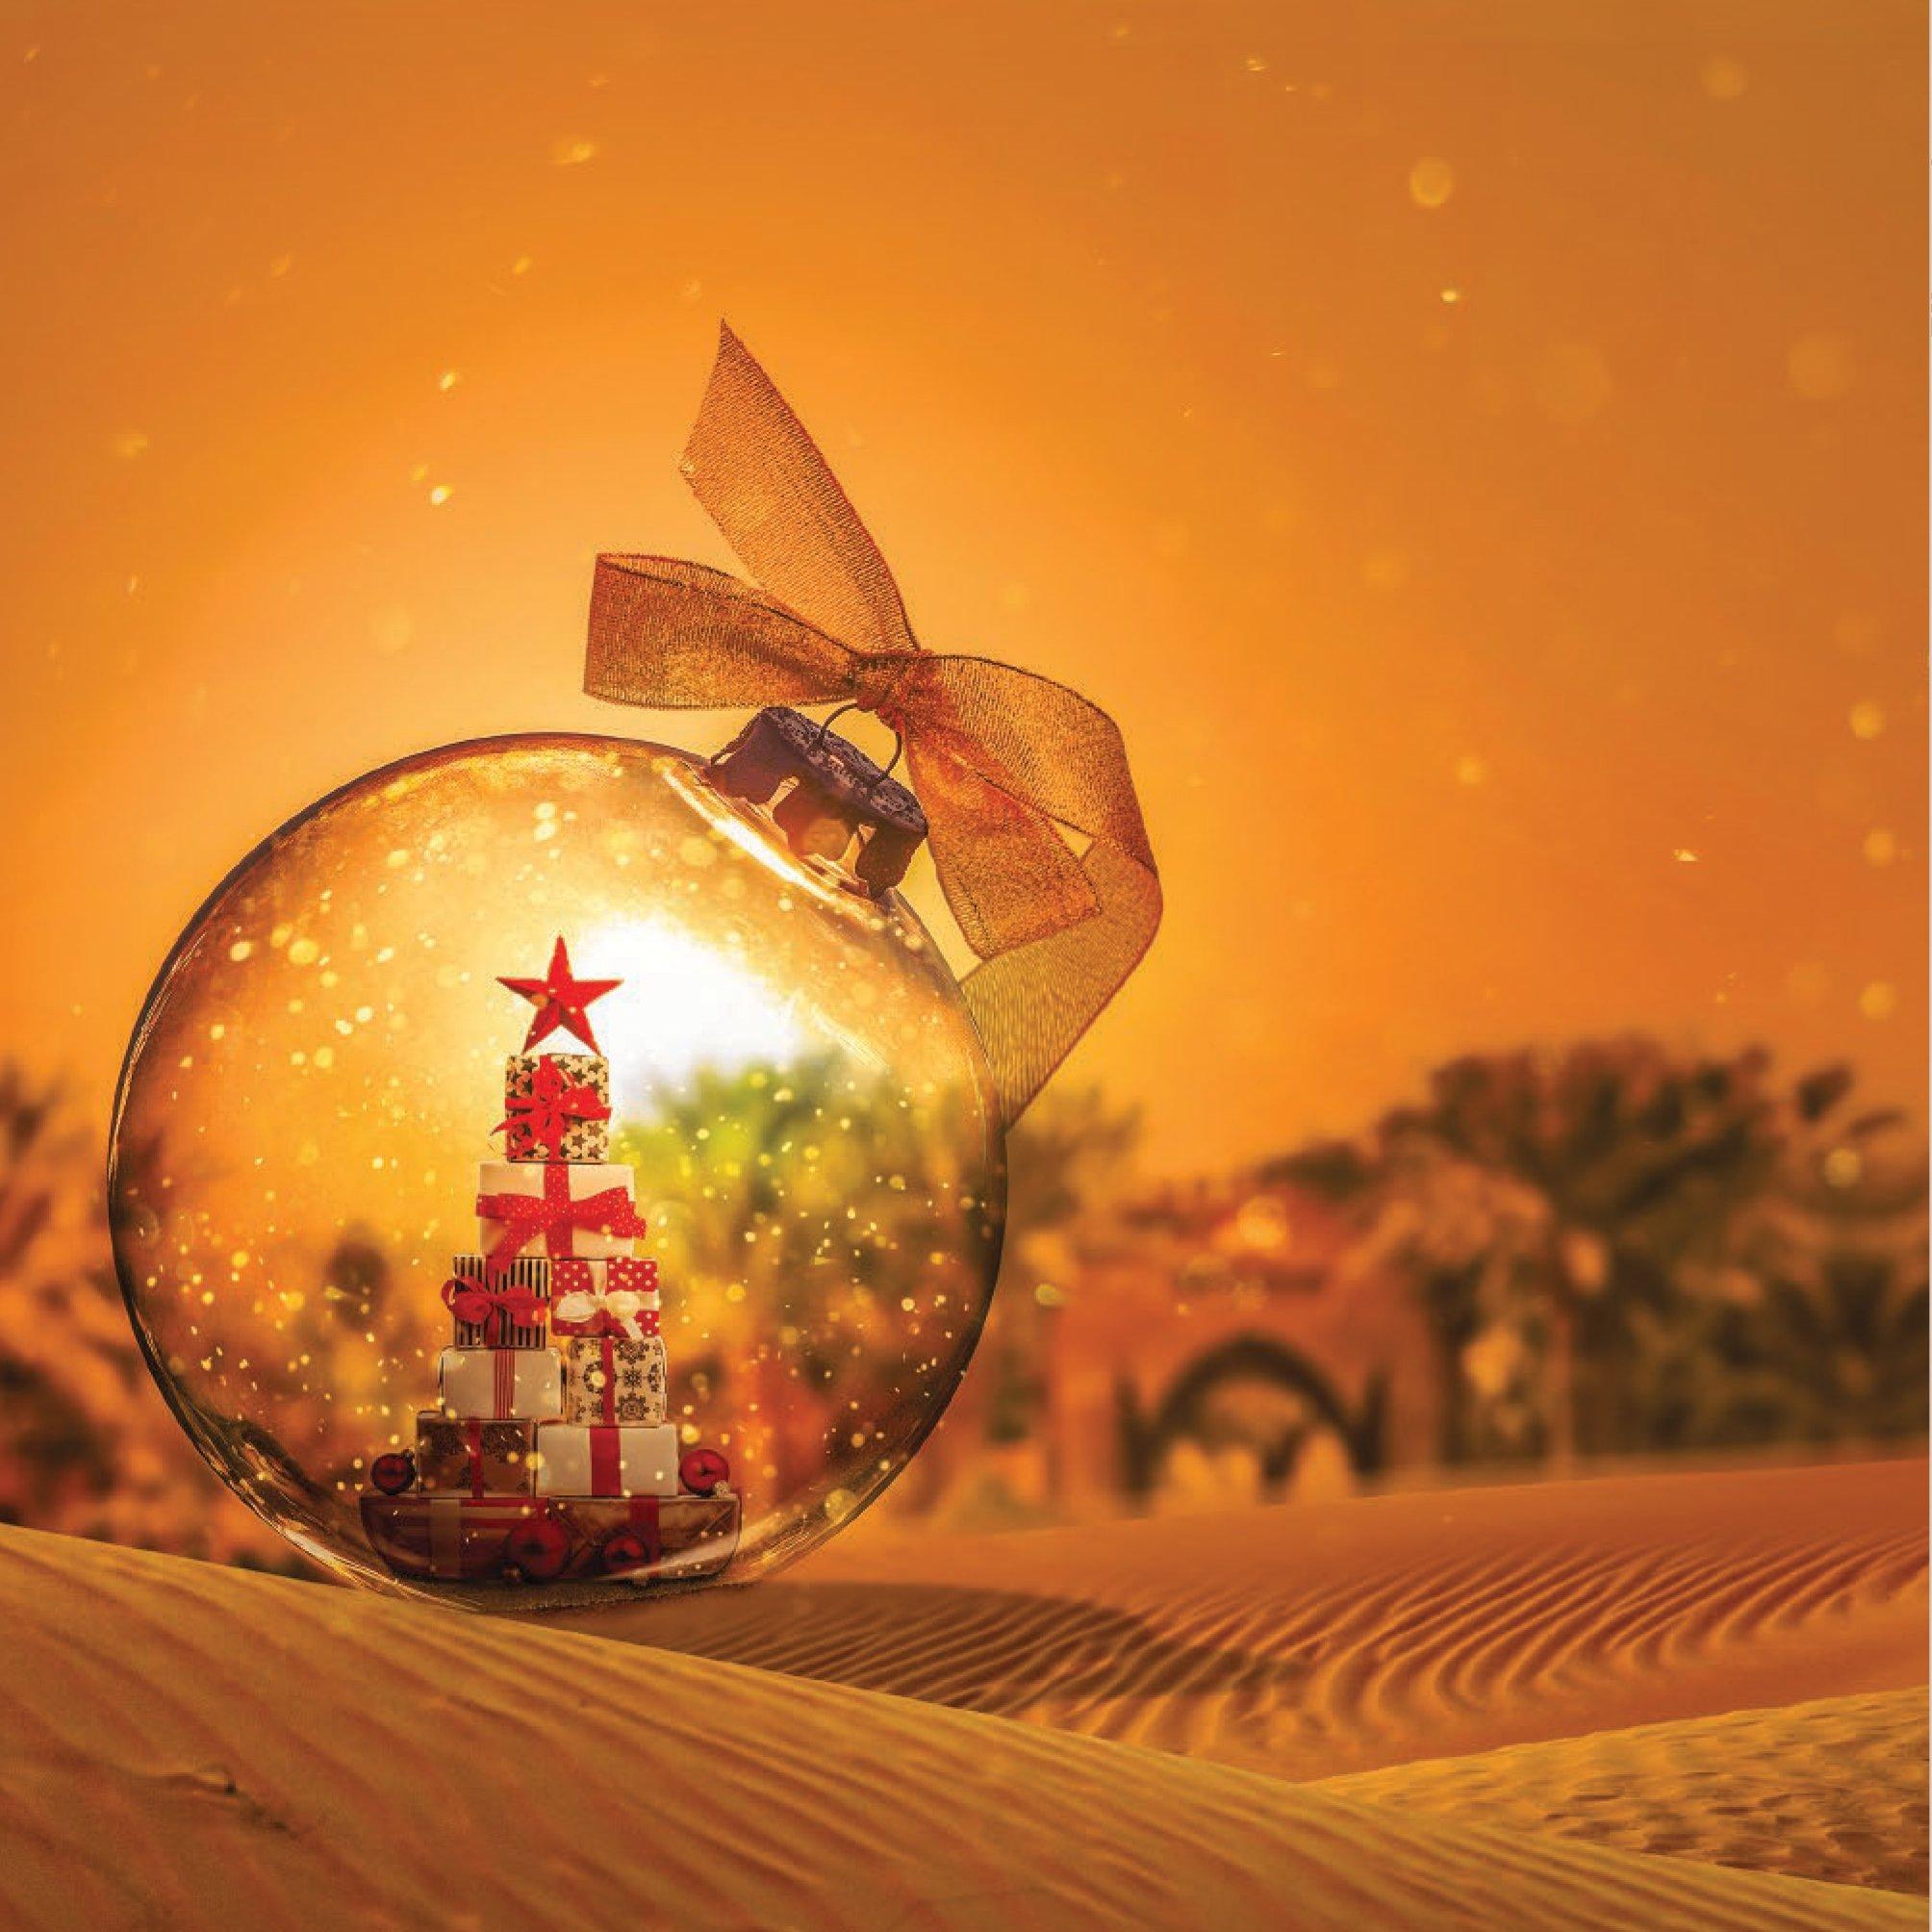 Experience A Festive Fairytale With Bab Al Shams Desert Resort